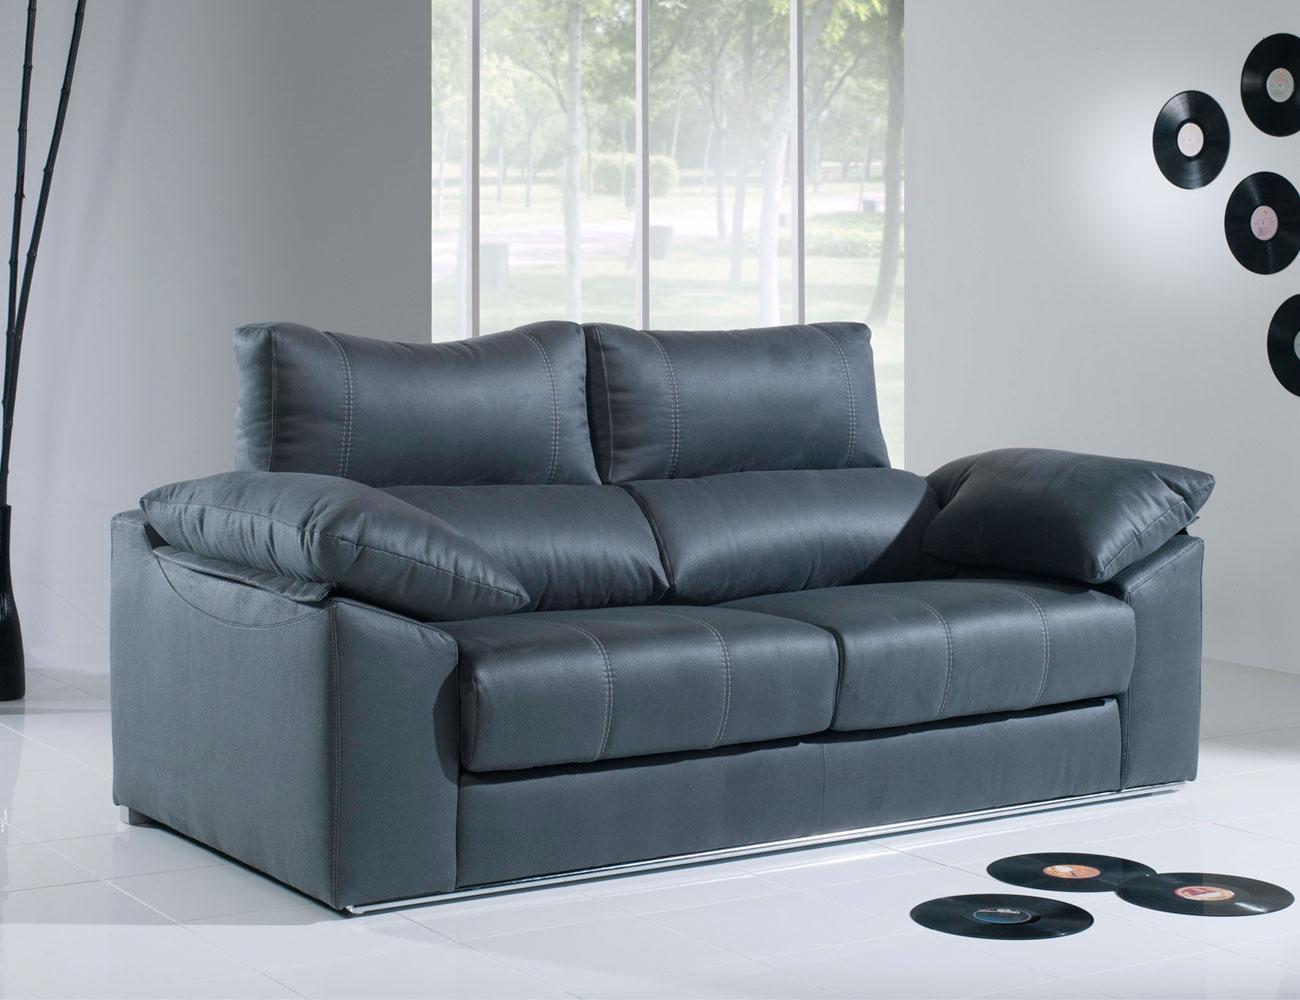 Sofa 3 plazas moderno con barra24